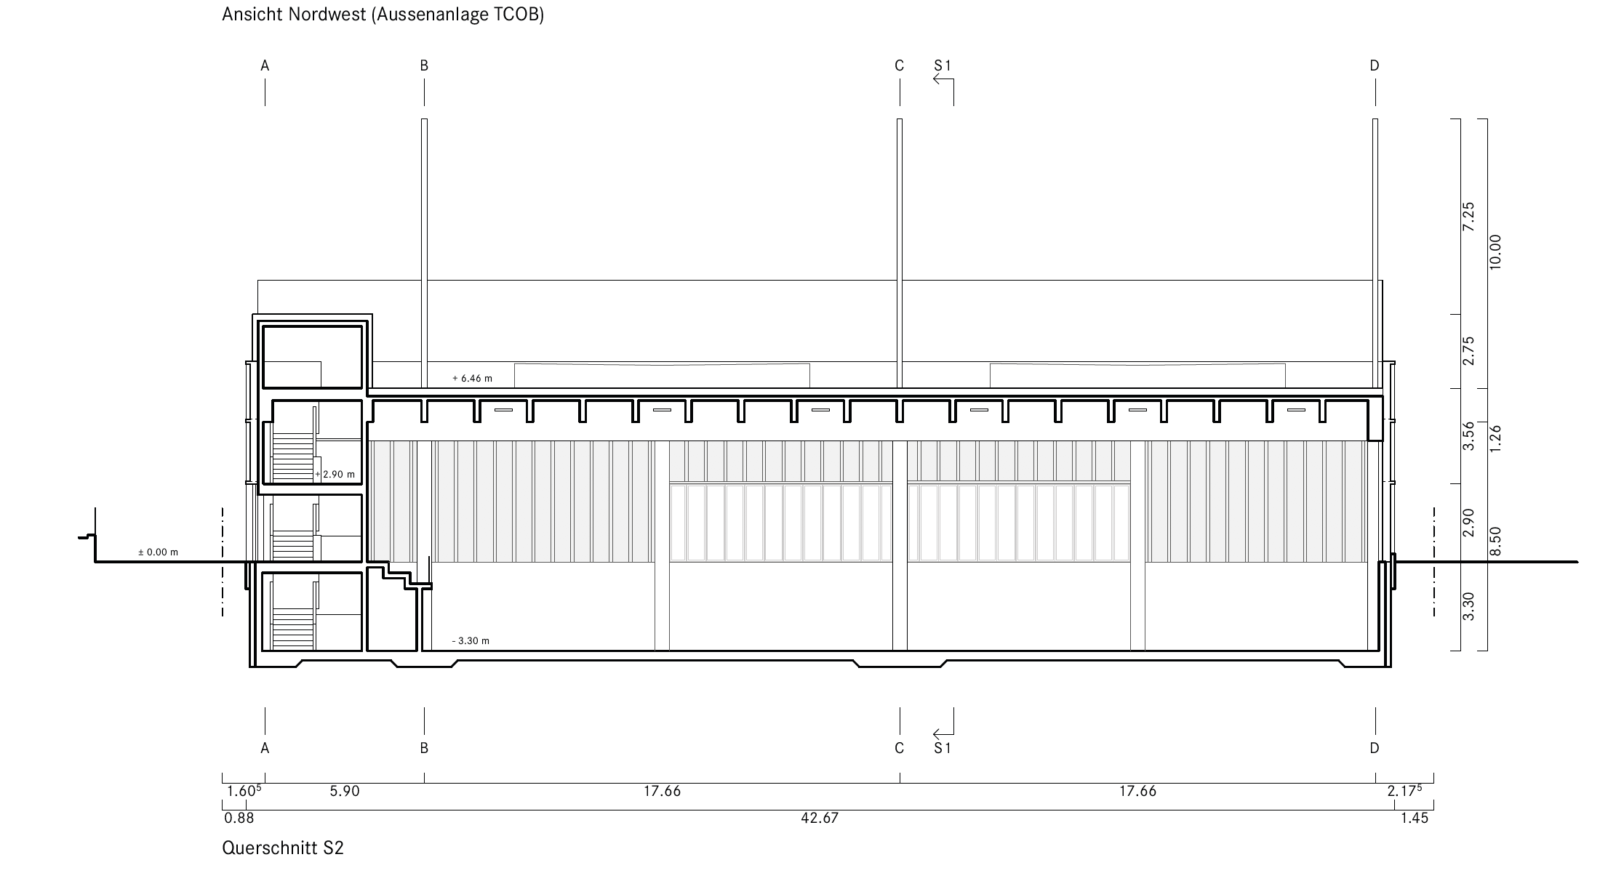 Querschnitt durch die neue Halle. Links die Erschliessung mit der kleinen Tribüne, die einen Blick auf die Plätze ermöglicht.